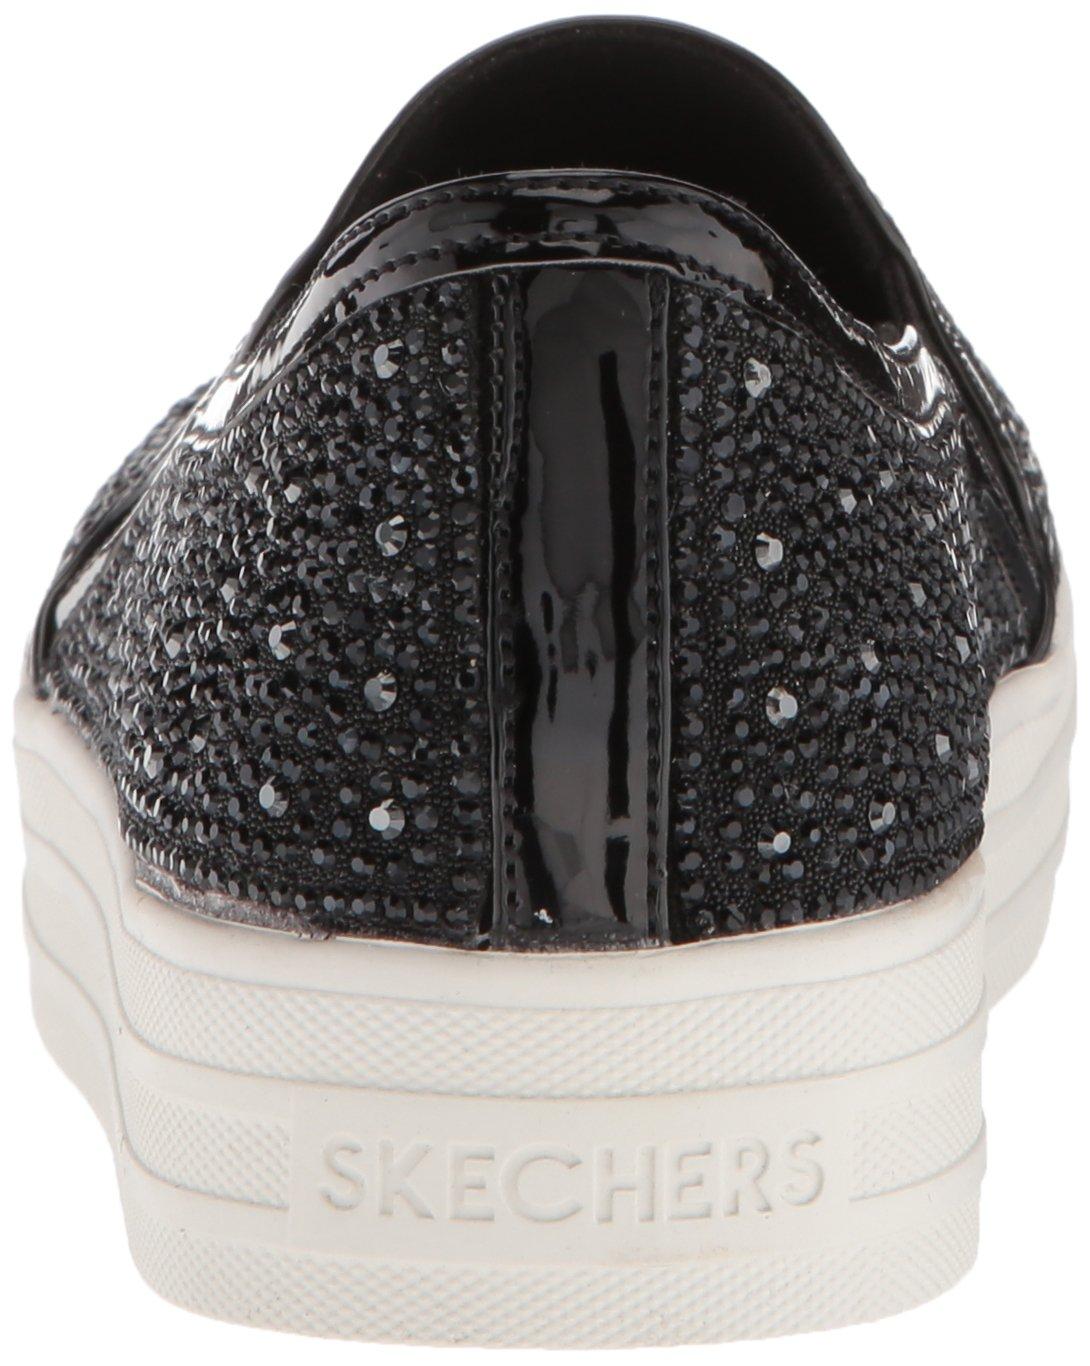 Skechers Women's Double up-Glitzy Gal Sneaker B0787NHNKJ 9 B(M) US|Black